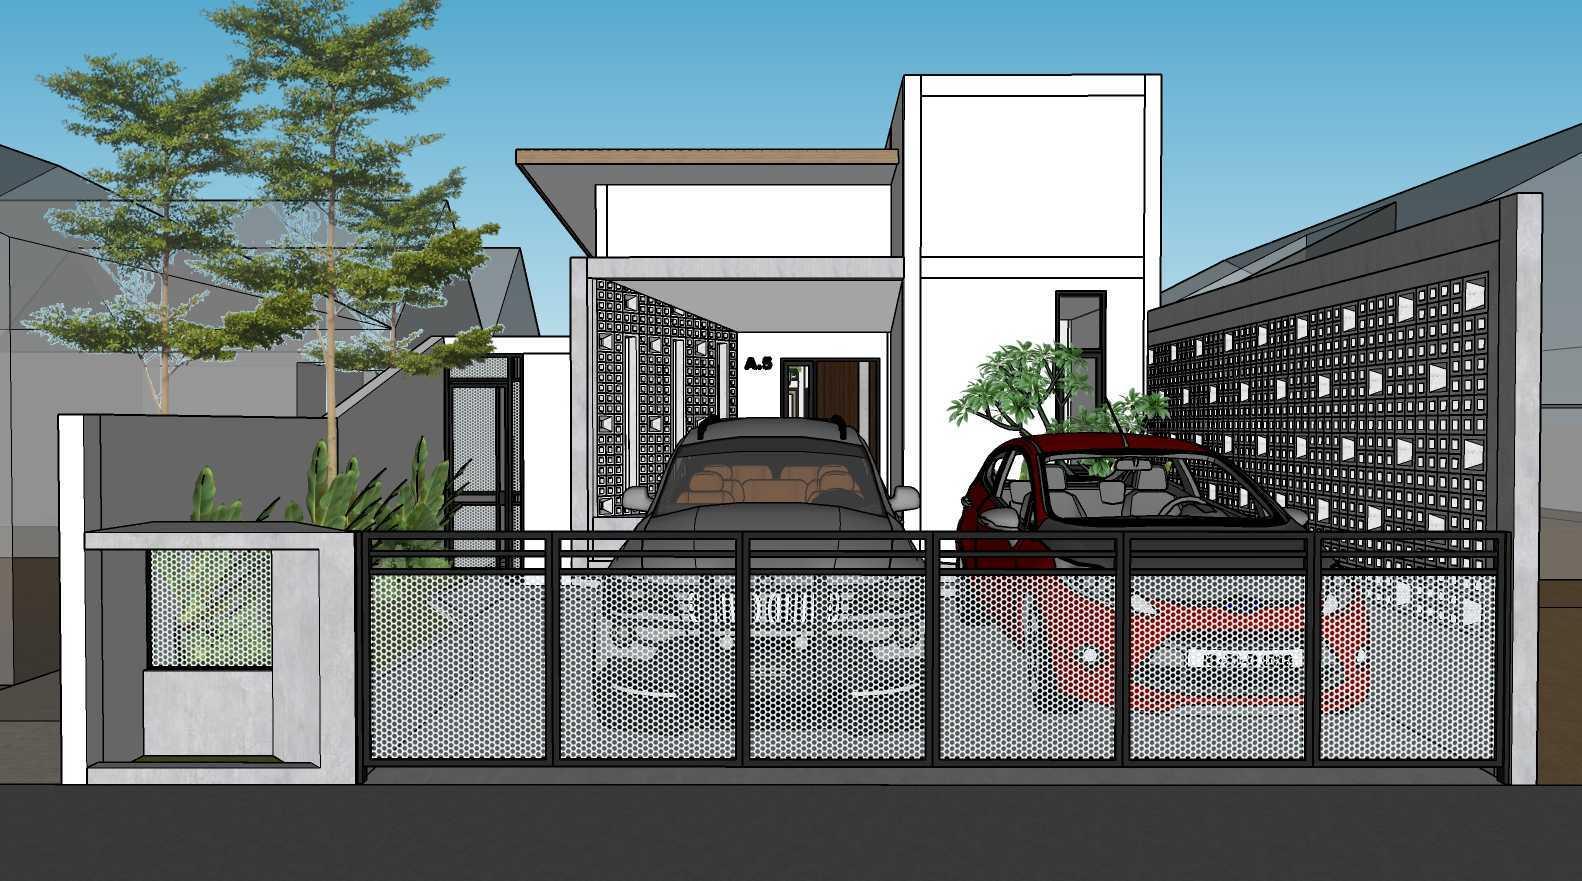 Aesthetic-In Atelier Casa De Elin Kec. Cibeureum, Tasikmalaya, Jawa Barat, Indonesia Kec. Cibeureum, Tasikmalaya, Jawa Barat, Indonesia Aesthetic-In-Atelier-Casa-De-Elin  95193